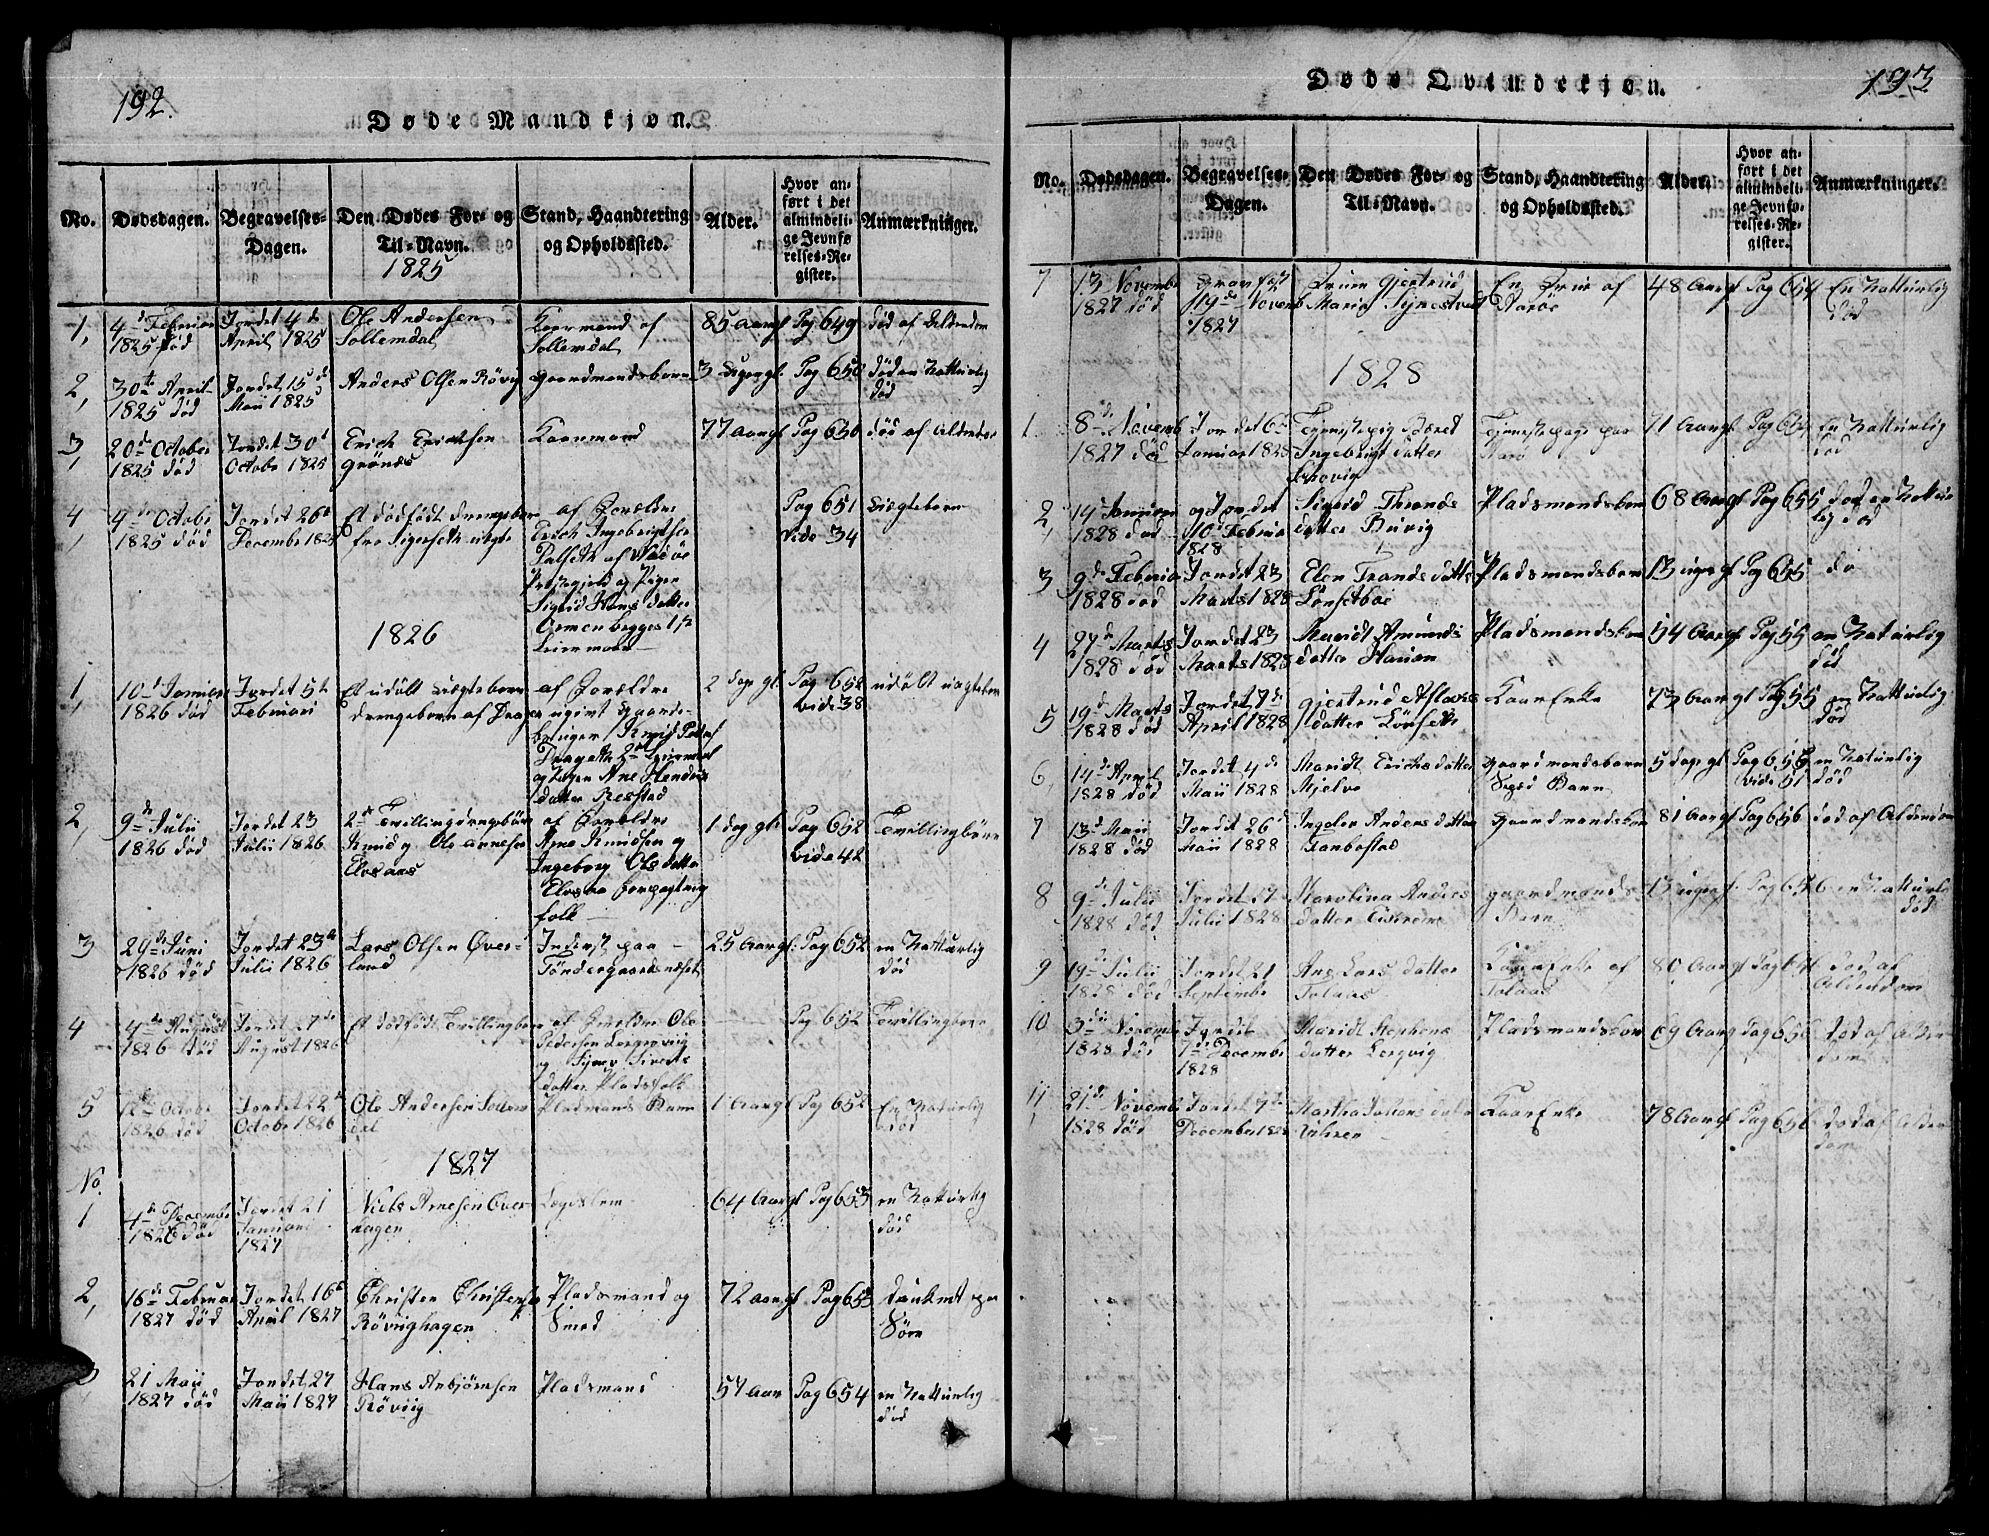 SAT, Ministerialprotokoller, klokkerbøker og fødselsregistre - Møre og Romsdal, 555/L0665: Klokkerbok nr. 555C01, 1818-1868, s. 192-193